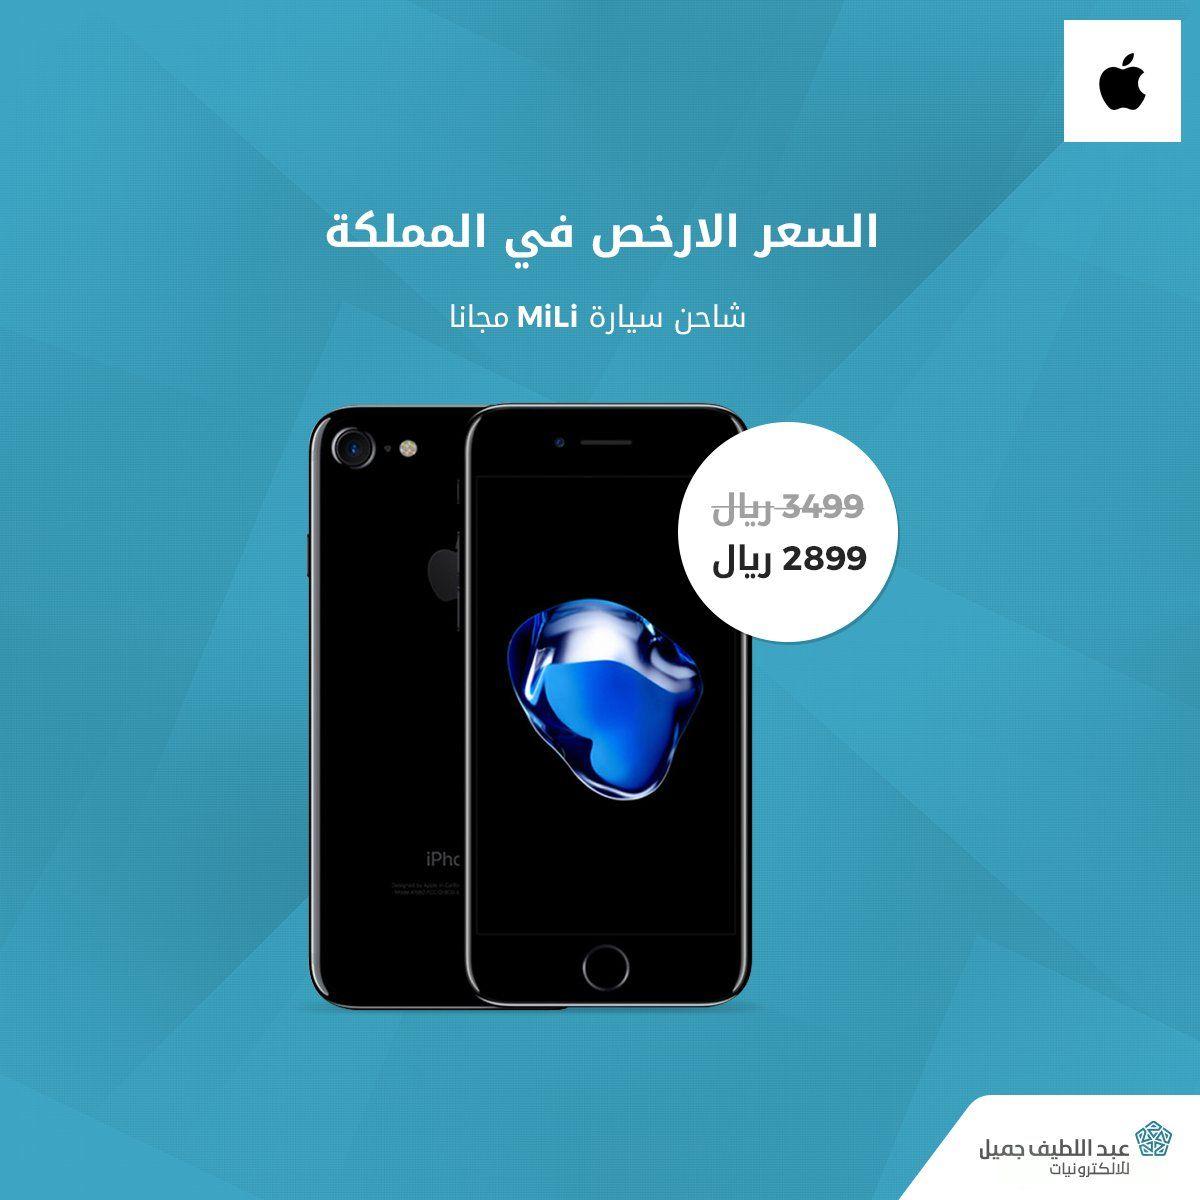 سعر ايفون 7 Iphone في عبد اللطيف جميل للالكترونيات السعر الارخص في المملكة عروض اليوم Electronic Products Phone Electronics